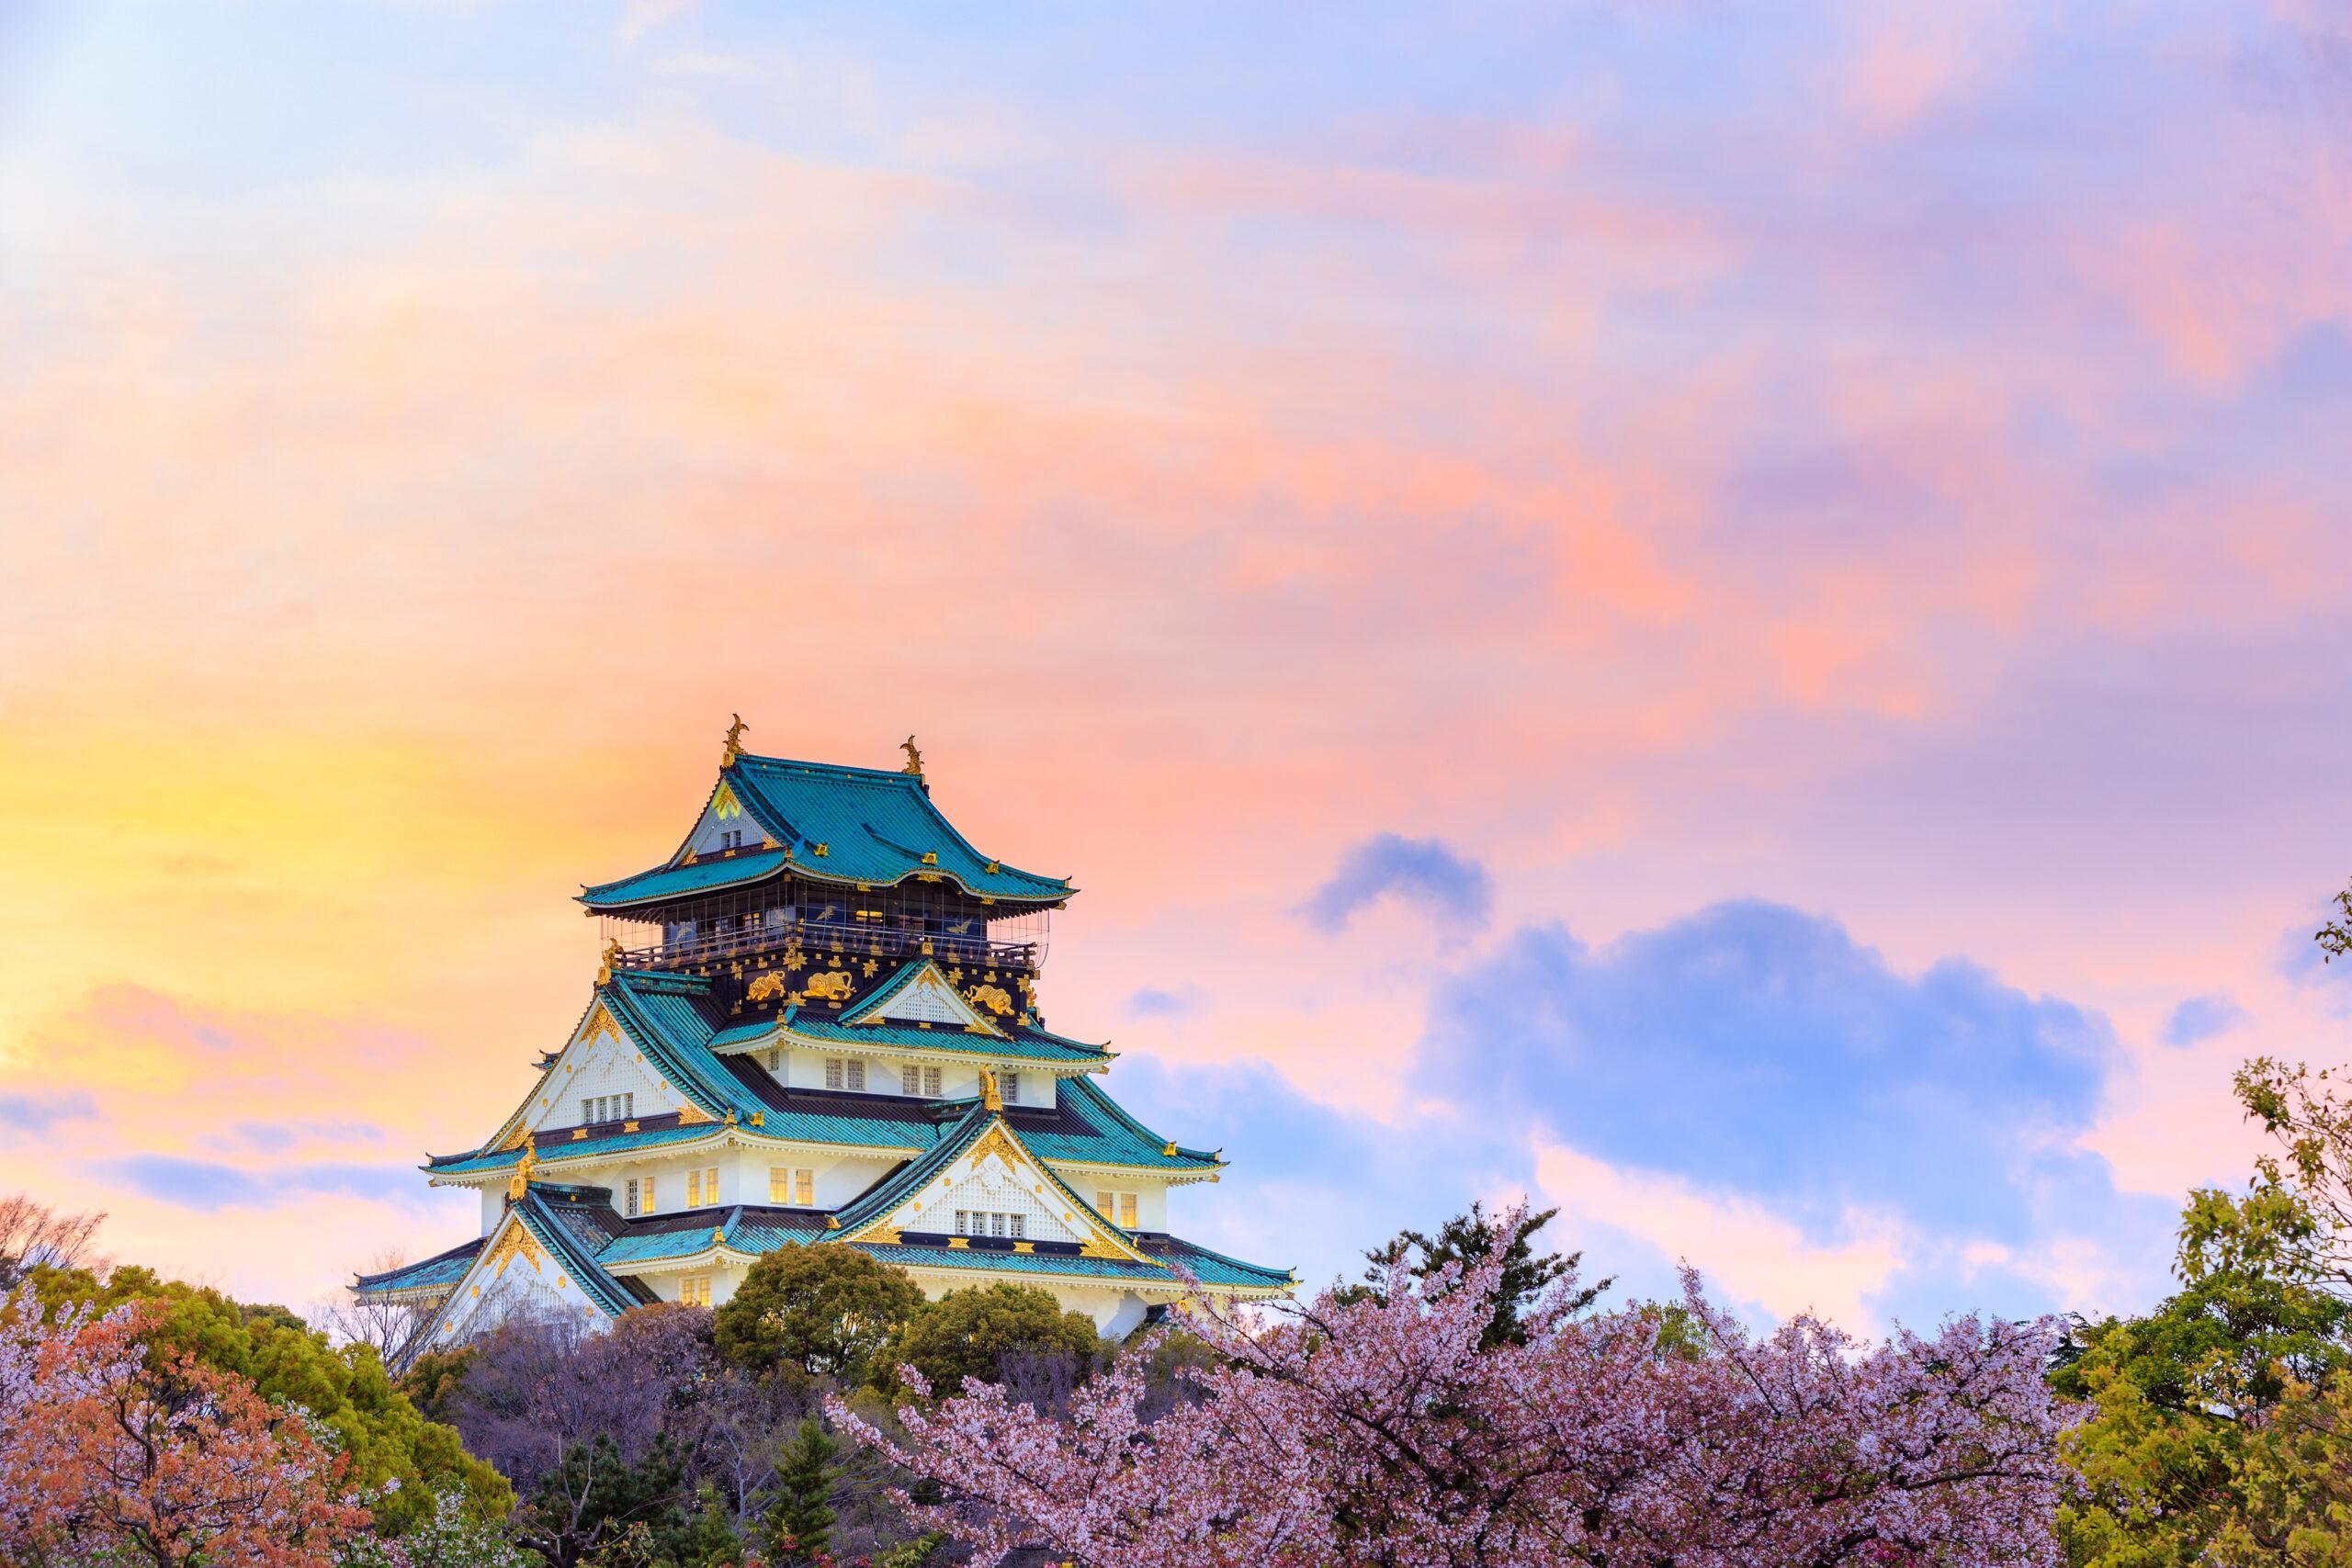 大阪旅行を思う存分楽しんで♡